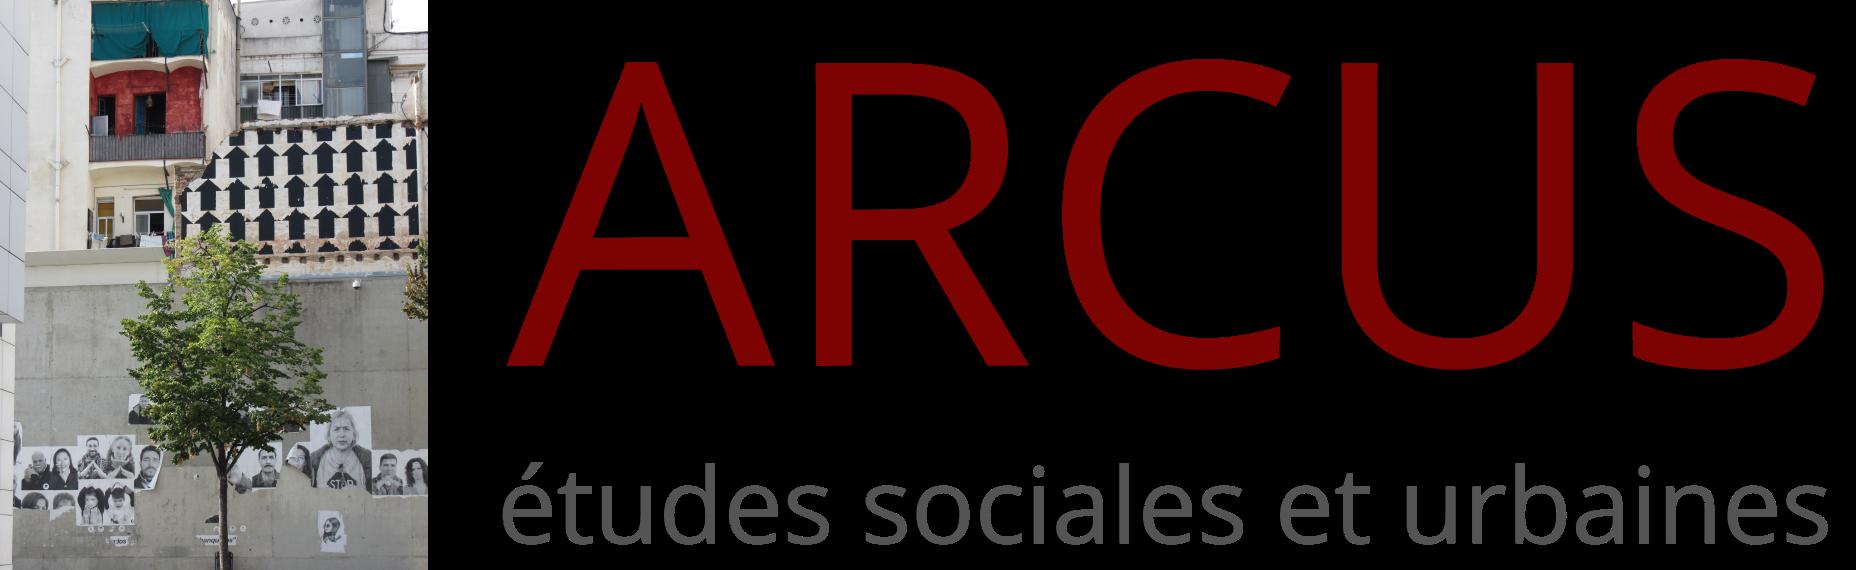 Agence Arcus